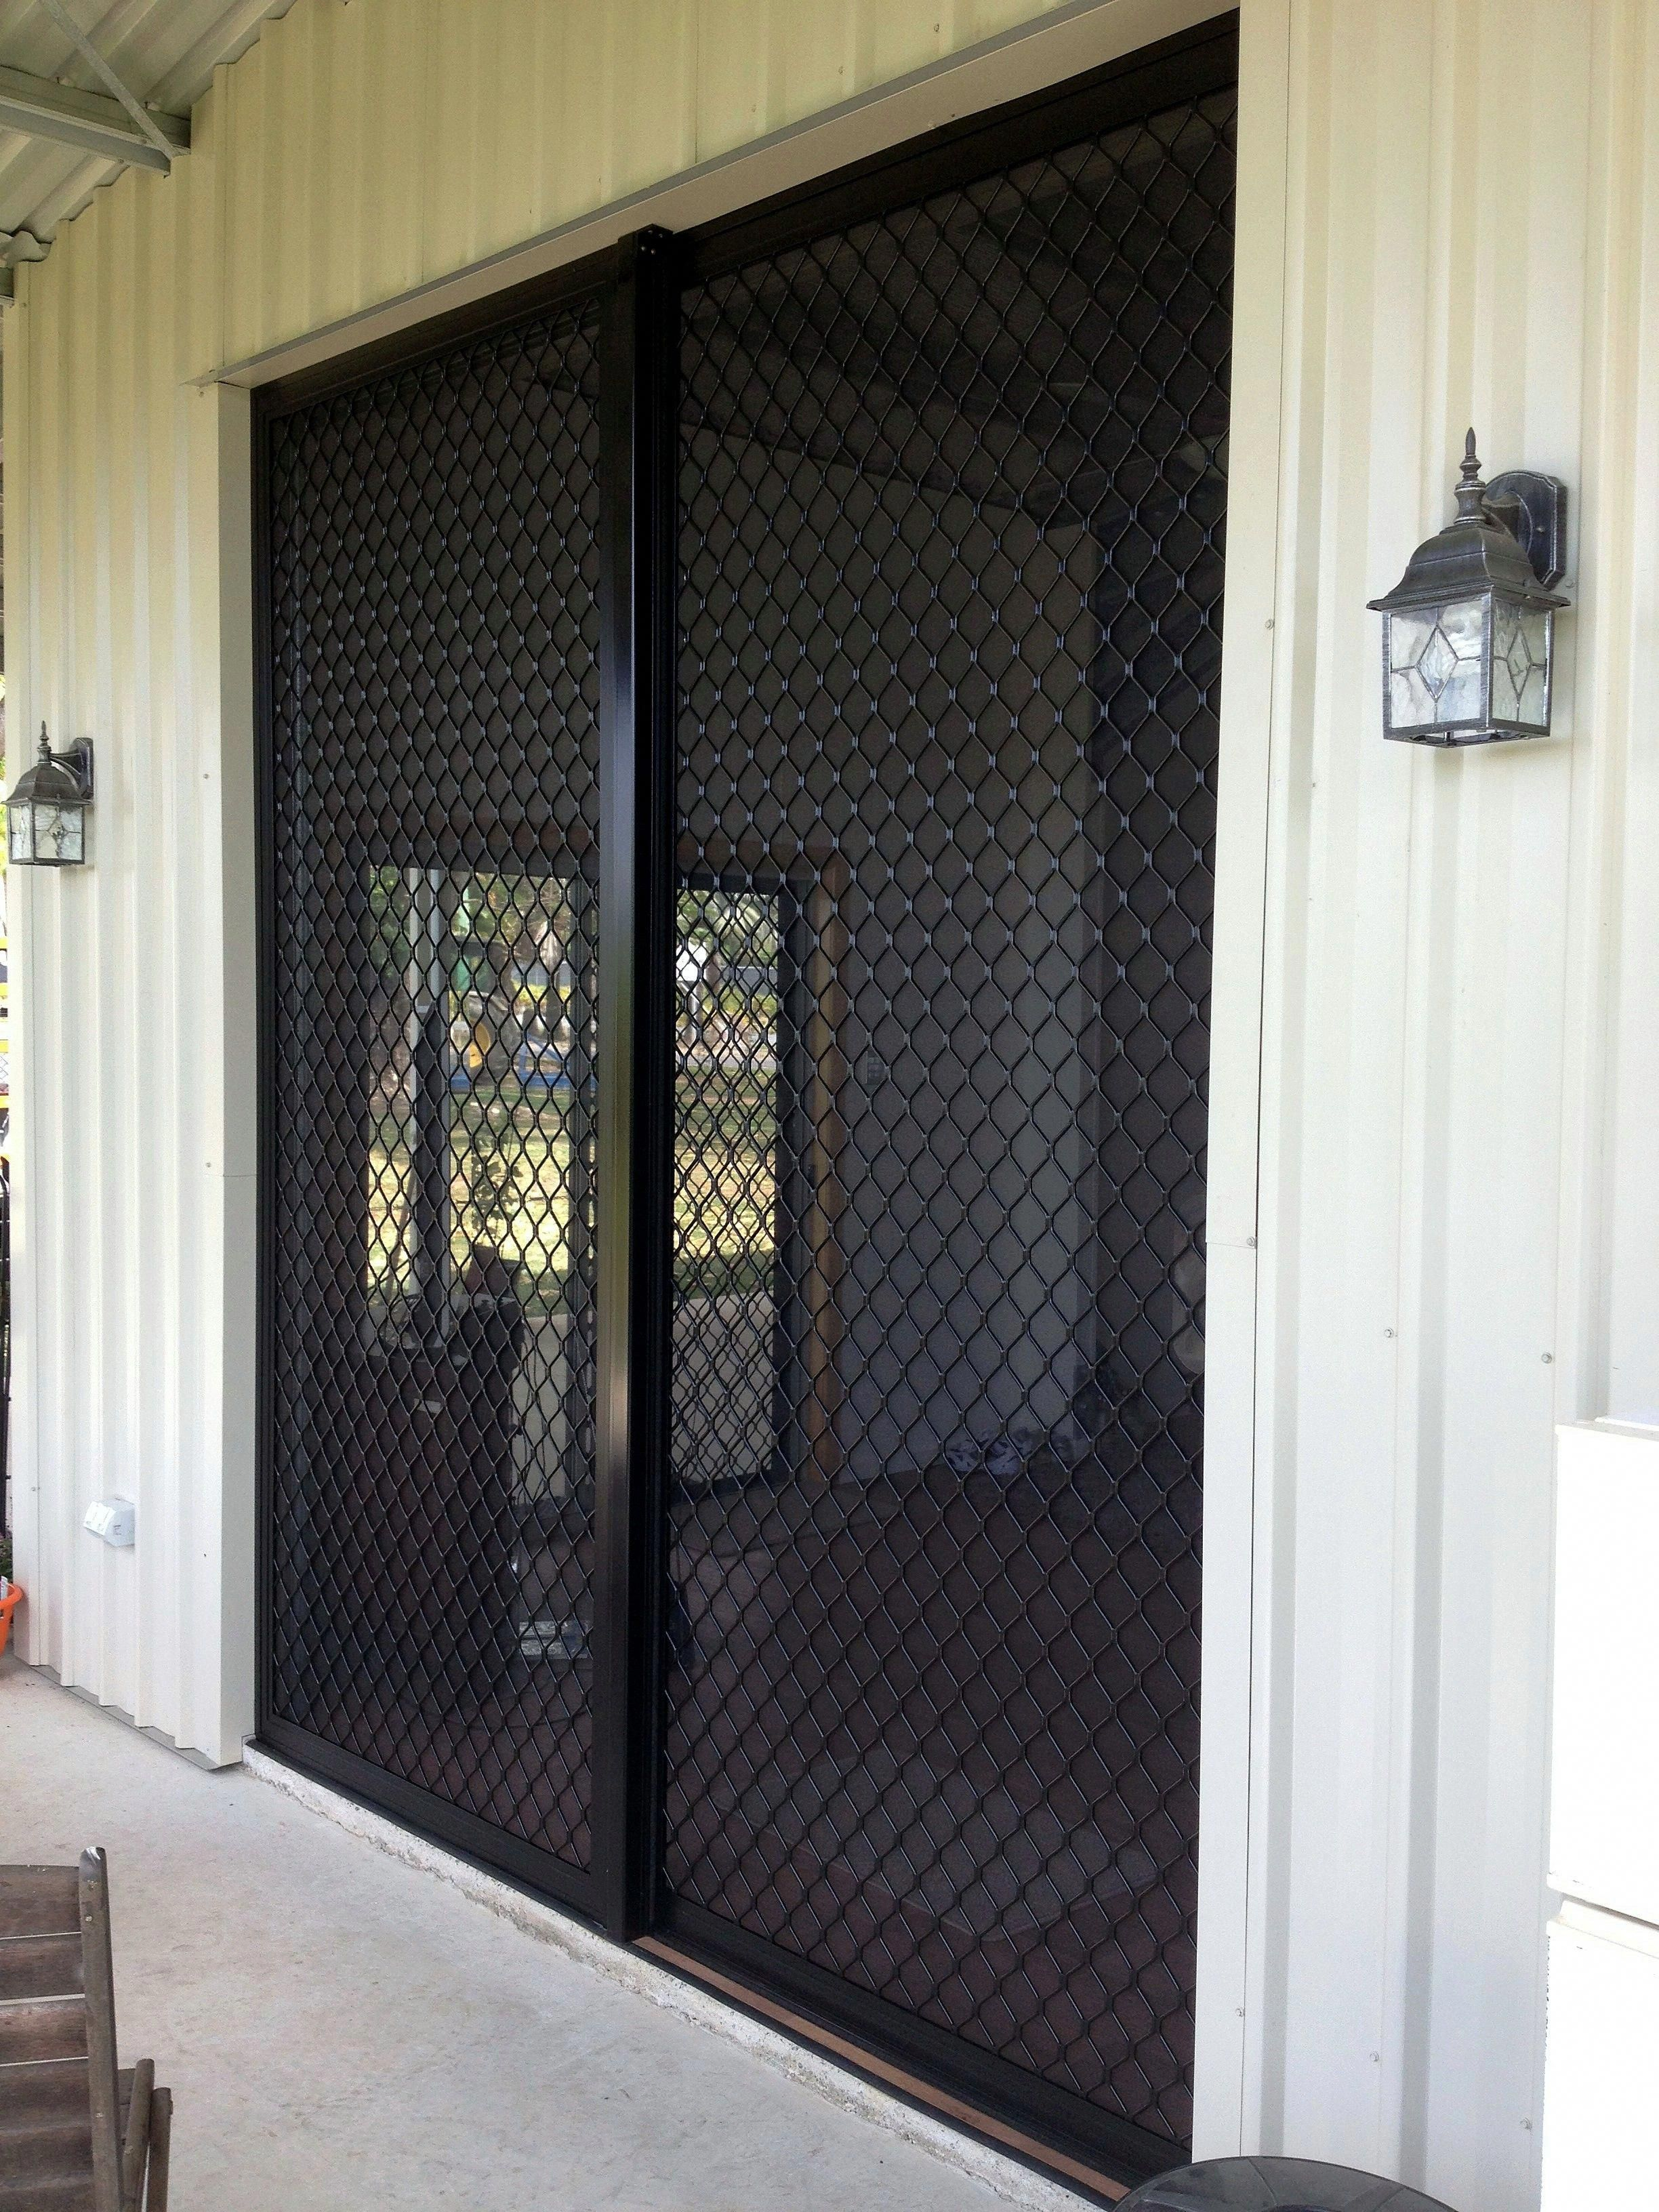 Sliding Security Screen Doors In 2020 Security Screen Door Home Security Home Safety